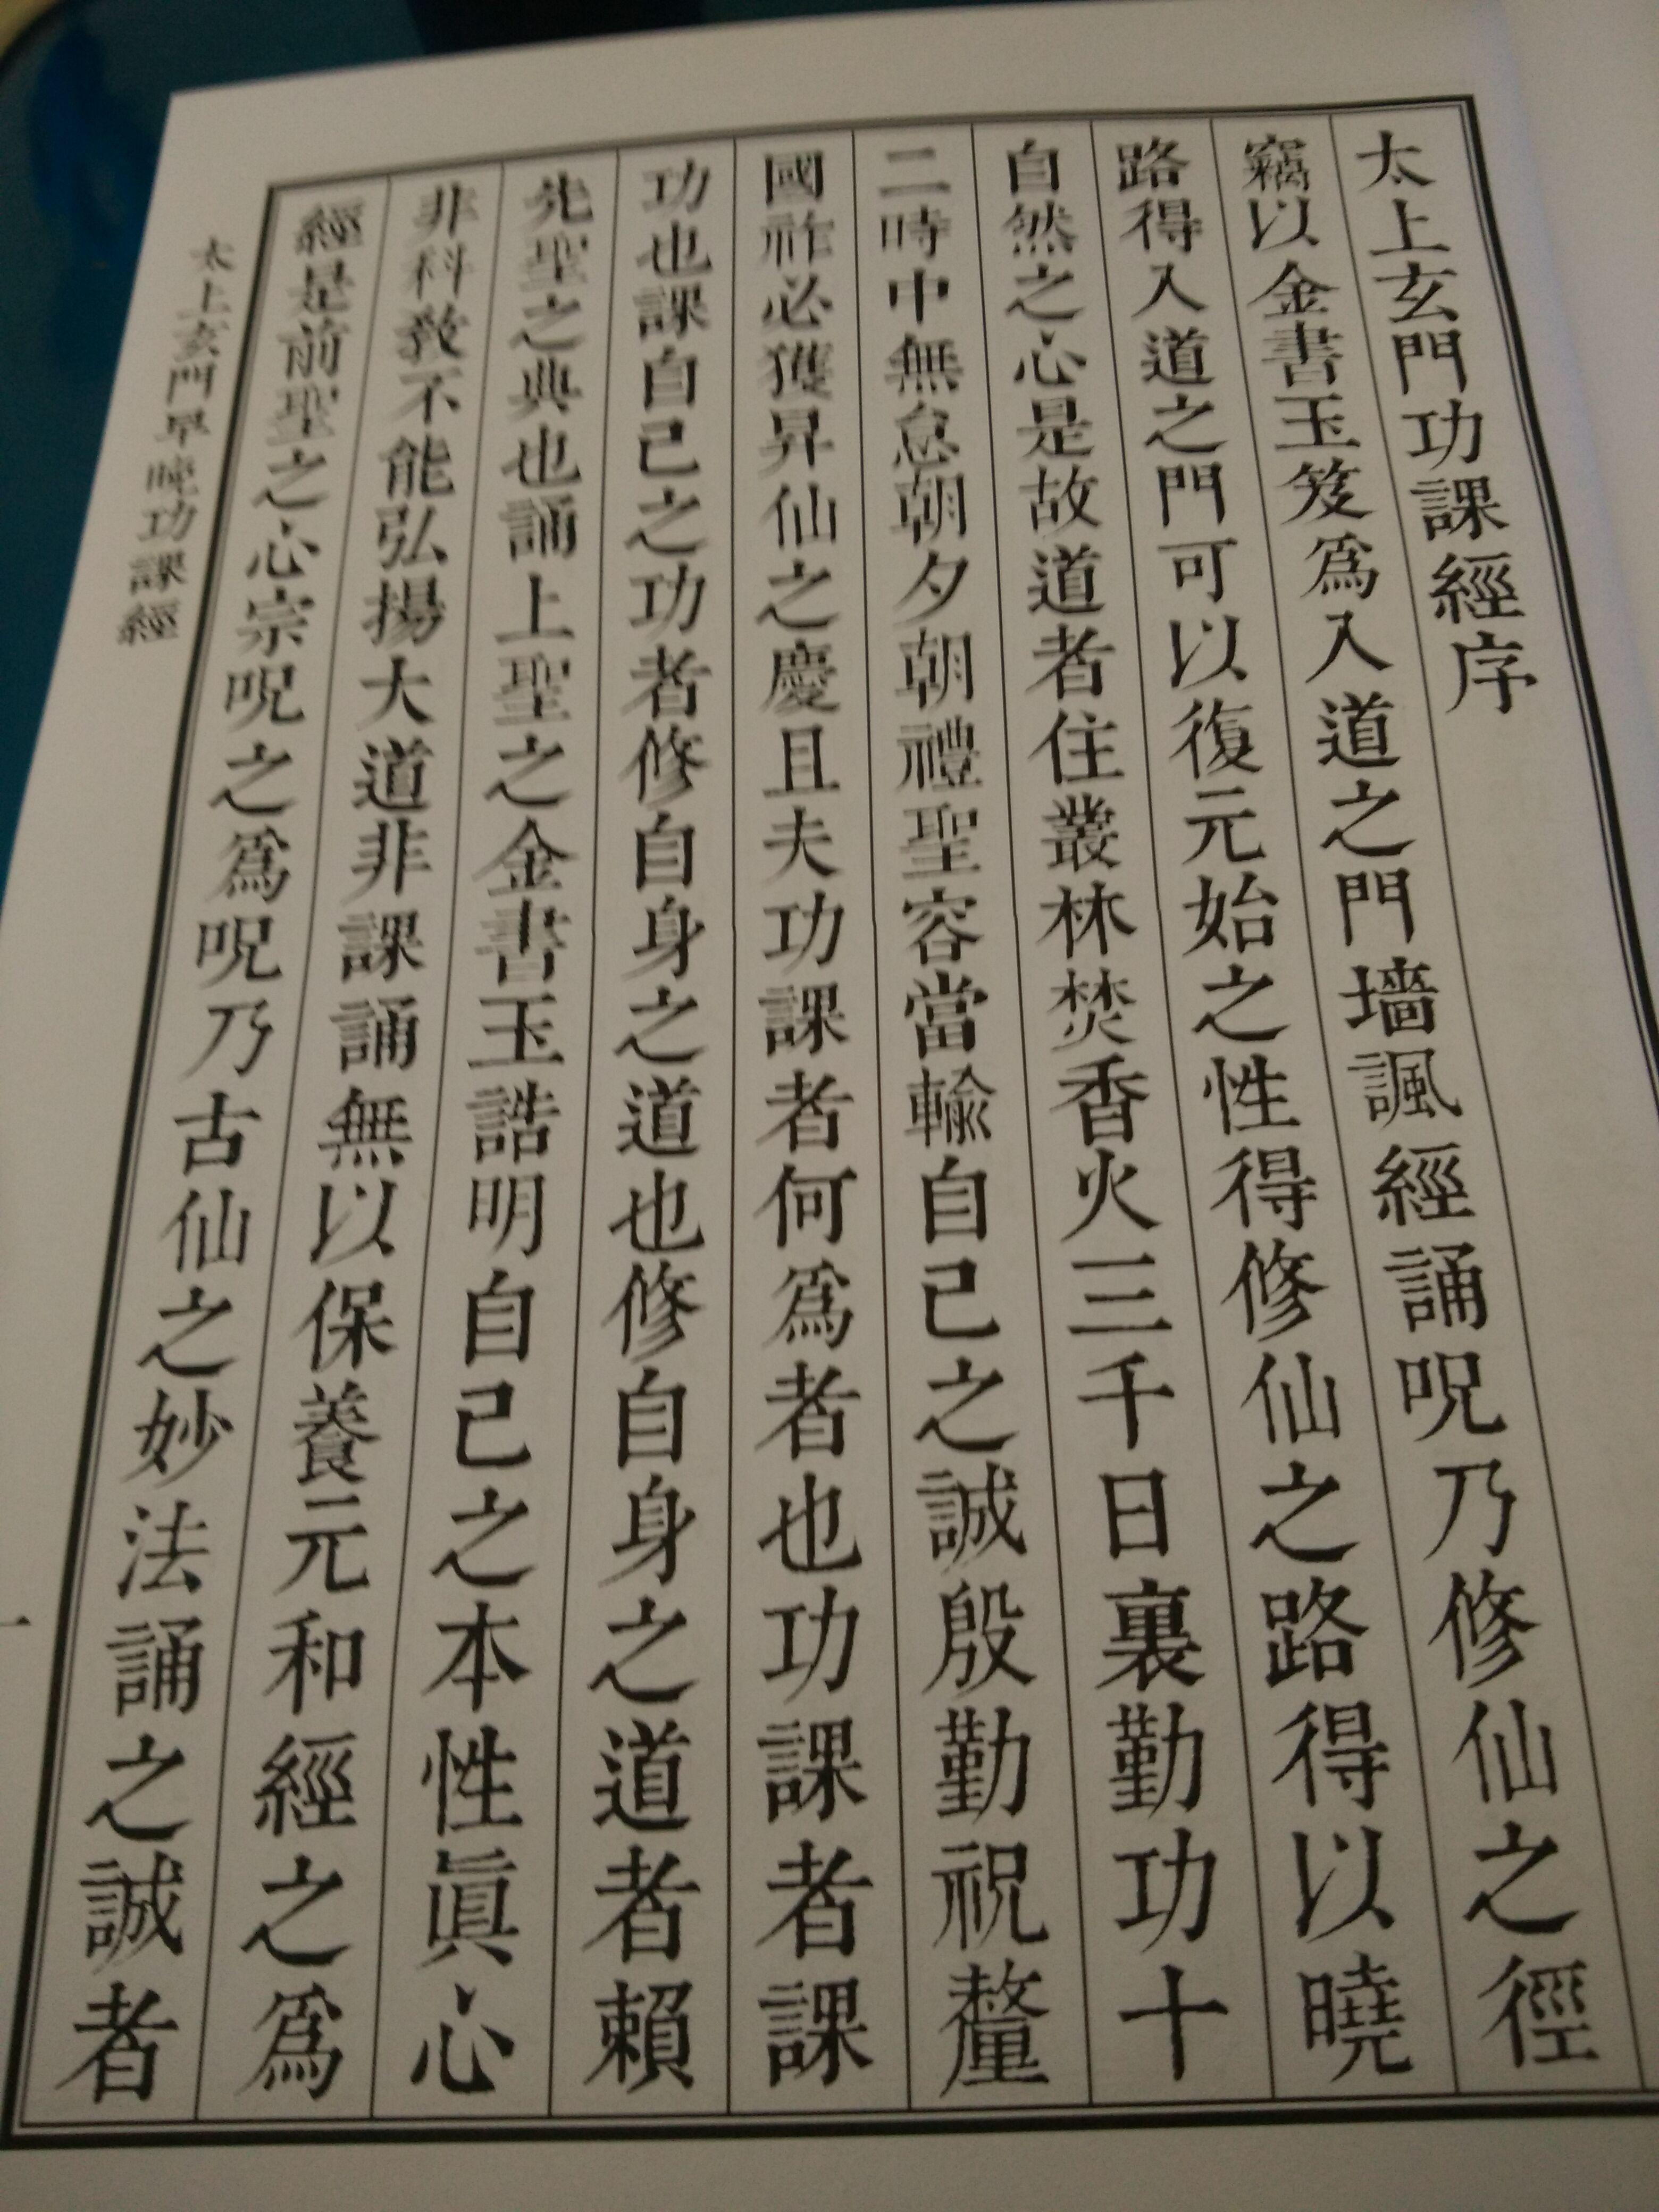 Чун Суань Инь Общество тоже верх таинственный дверь Утренняя и вечерняя домашняя работа в воскресенье пожалуйста